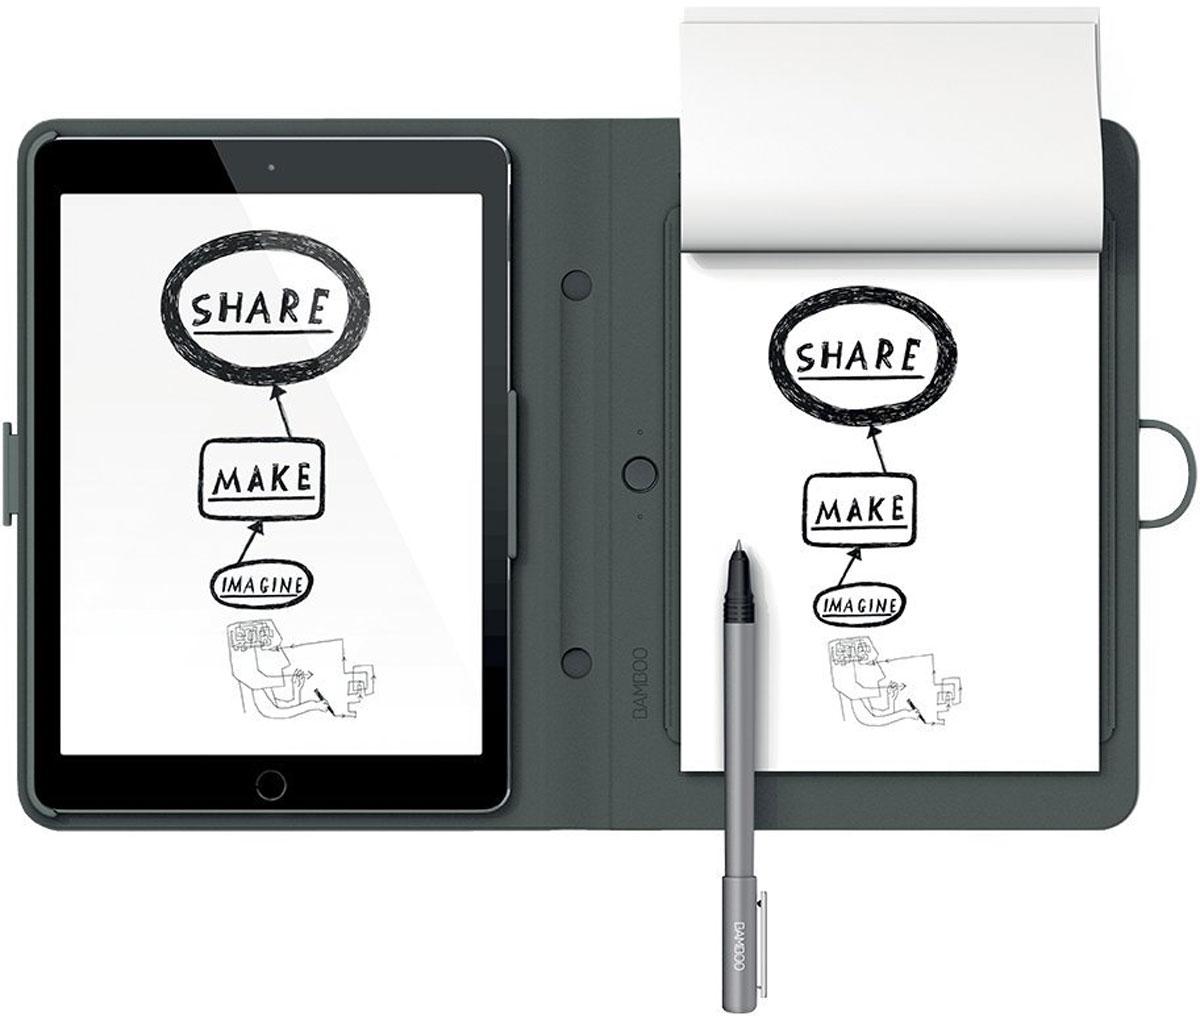 Wacom Bamboo Spark цифровой блокнот с карманом для iPad Air 2 (CDS-600C)4949268619608Bamboo Spark – устройство, которое позволяет придумывать новые идеи и писать заметки на любом типе бумаги, автоматически оцифровывая написанное в реальном времени в специальном приложении для Android и iOS. Конвертация рукописного текста в цифровой предоставляет пользователям Bamboo Spark новый уникальный функционал: теперь они могут получать изящный каллиграфический текст в цифровом формате на основе рукописных заметок, сделанных с помощью специальной ручки-стилуса в умном блокноте, и хранить заметки в упорядоченном виде, чтобы отредактировать их позже или поделиться с другими. Создание стандартных текстовых файлов на основе рукописных заметок в Bamboo Spark осуществляется с помощью простого инструмента экспорт в текстовый формат, который встроен в приложение. Созданные заметки можно перевести в формат *.pdf или *.jpg. Кроме того, с помощью технологии WILL (Wacom's Ink Layer Language), в цифровой текст могут быть преобразованы и созданные ранее файлы,...